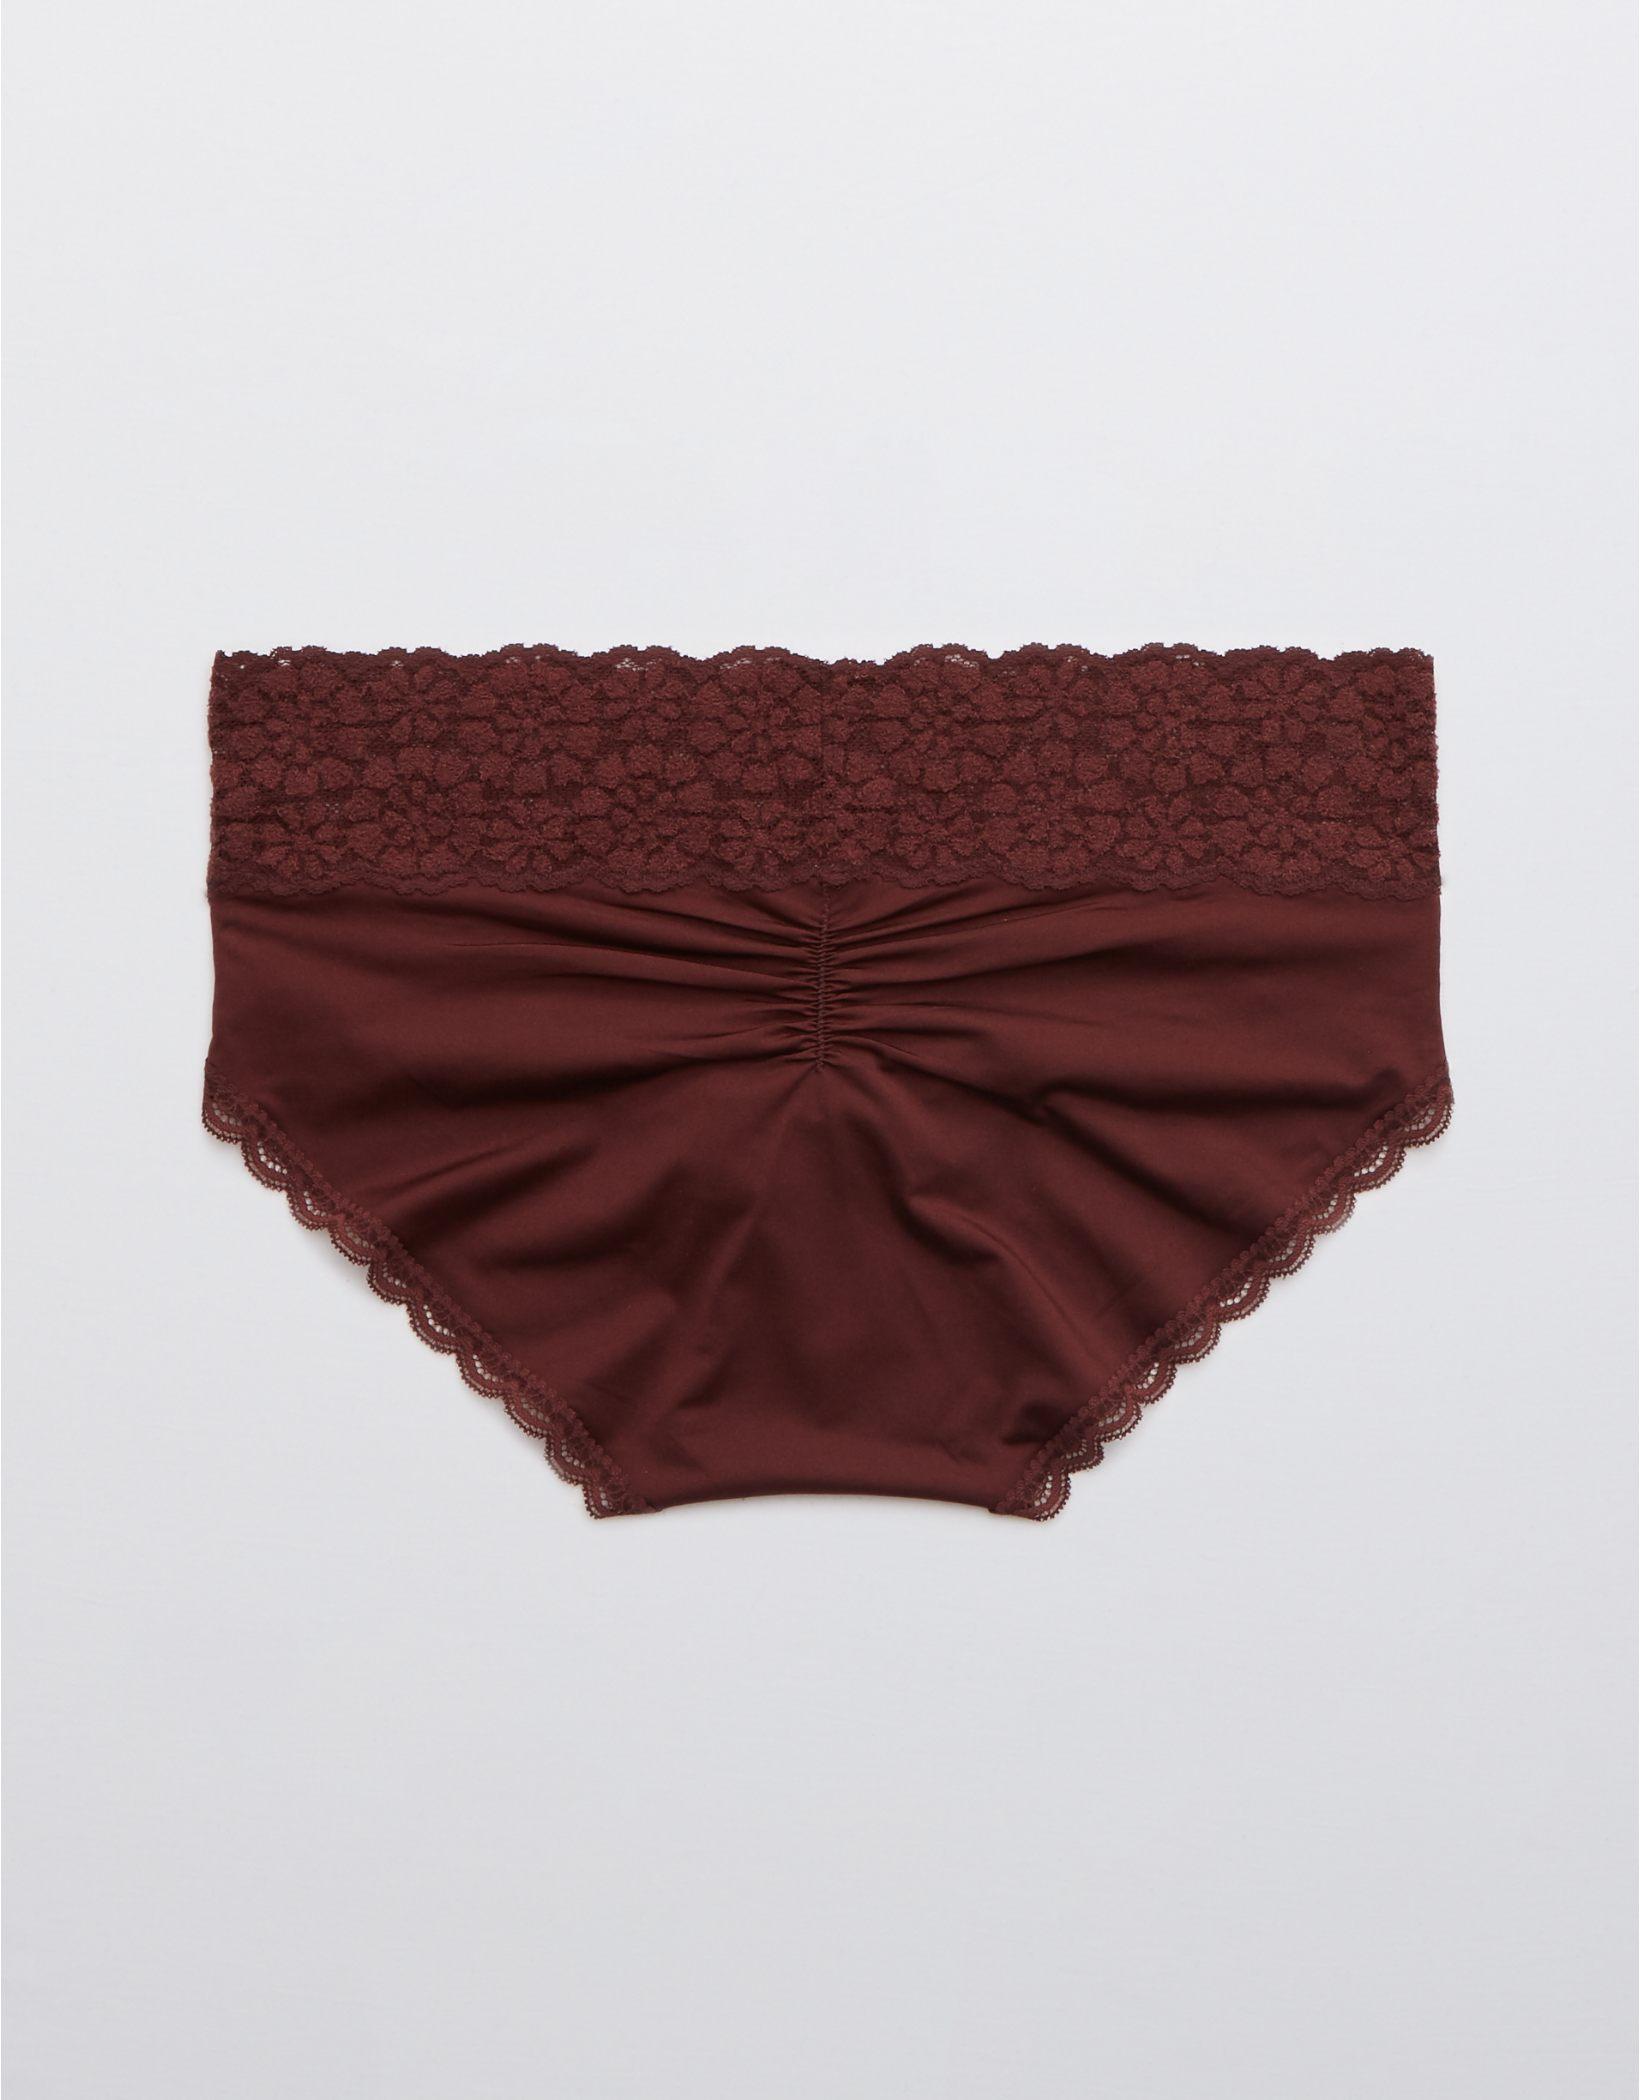 Aerie Sugar Cookie Lace Shine Boybrief Underwear